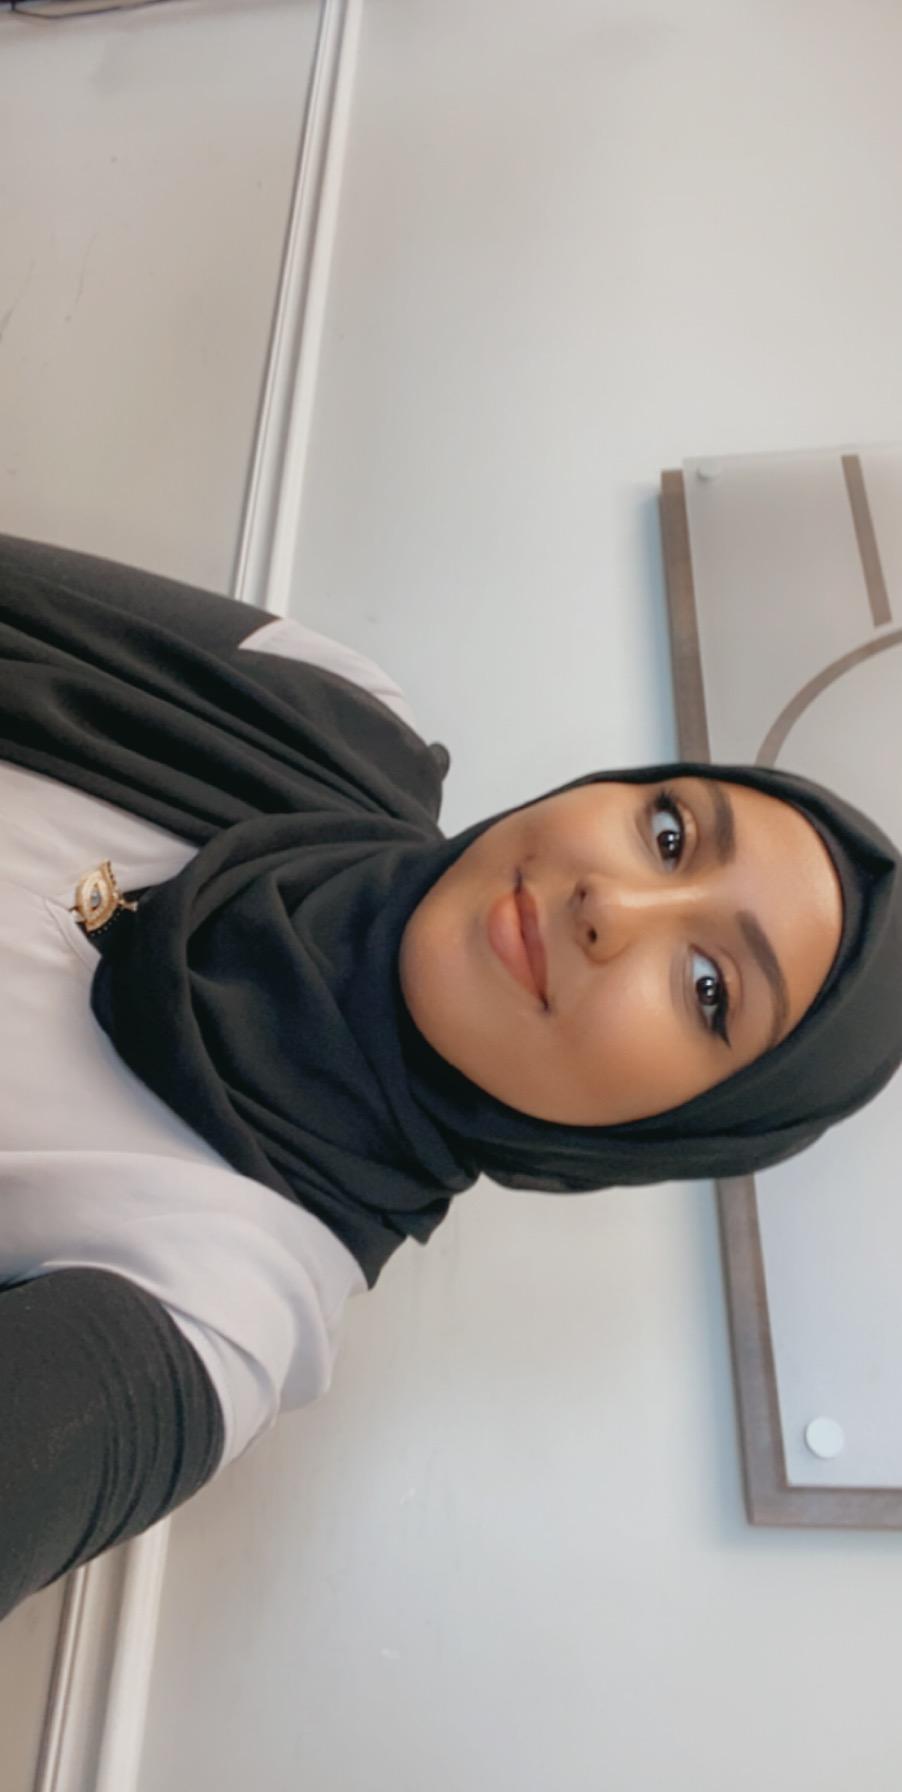 Mariam Al-Zuad